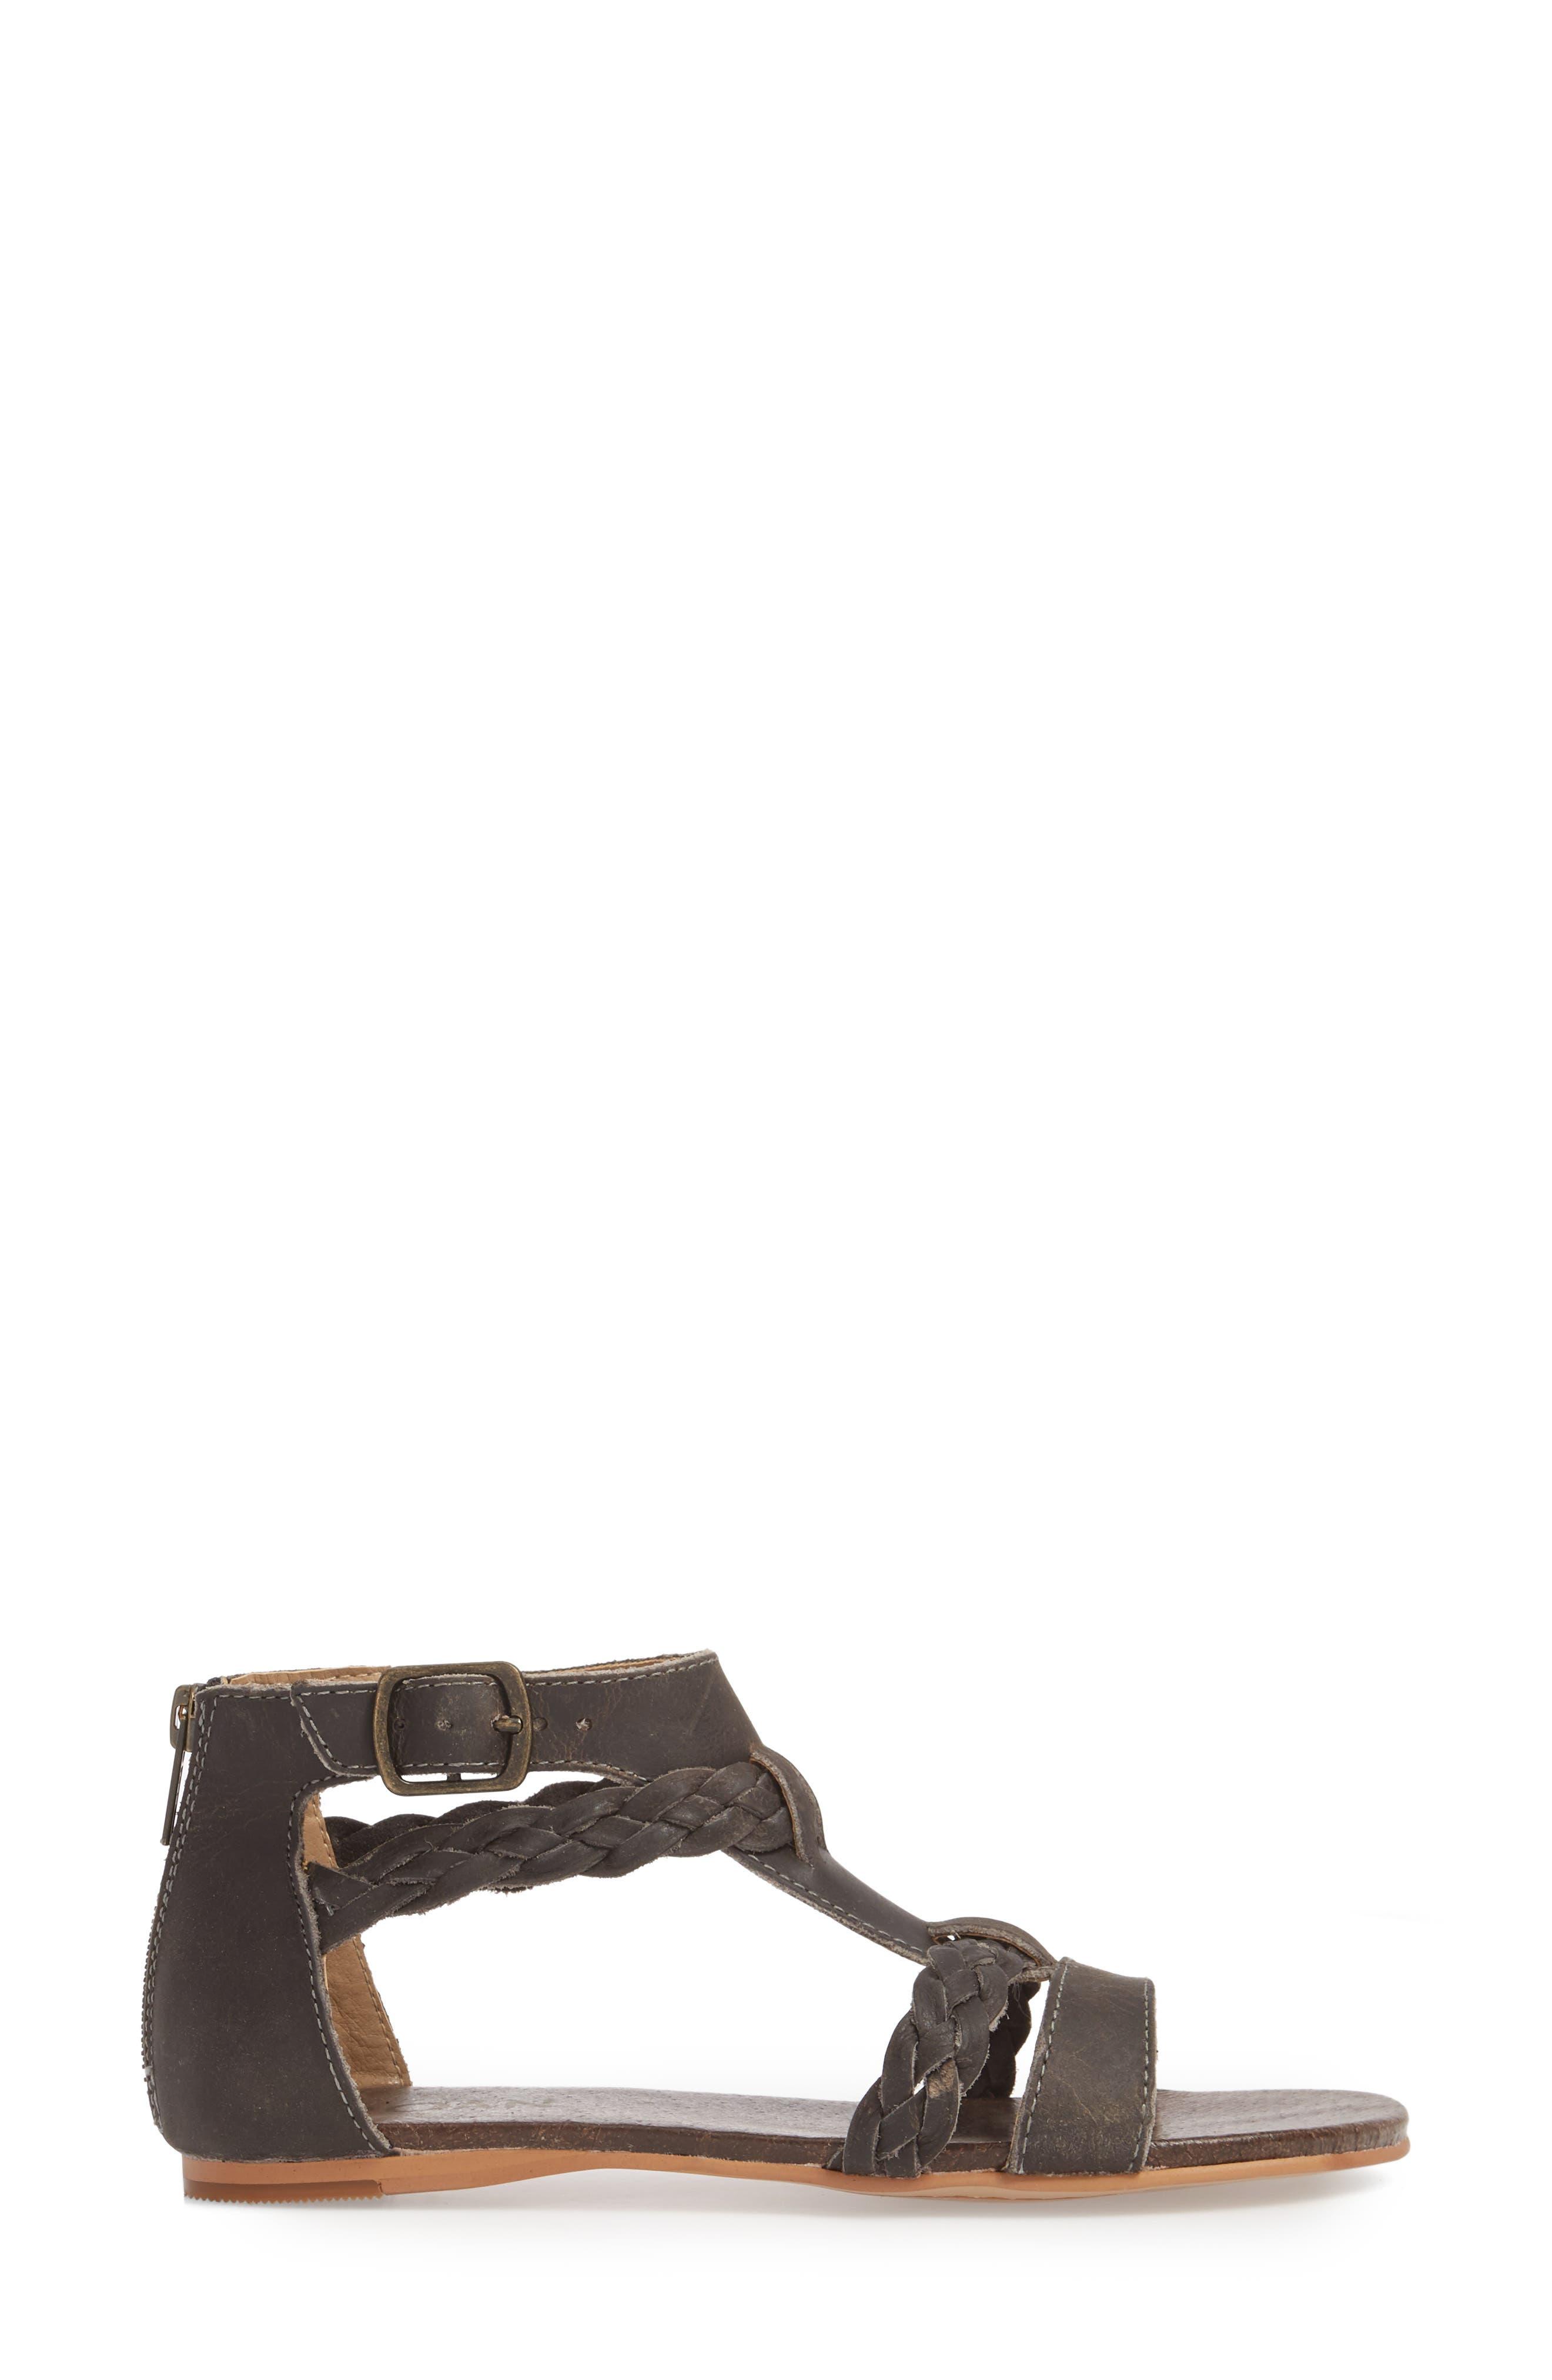 Posey Braided V-Strap Sandal,                             Alternate thumbnail 3, color,                             Sydney Black